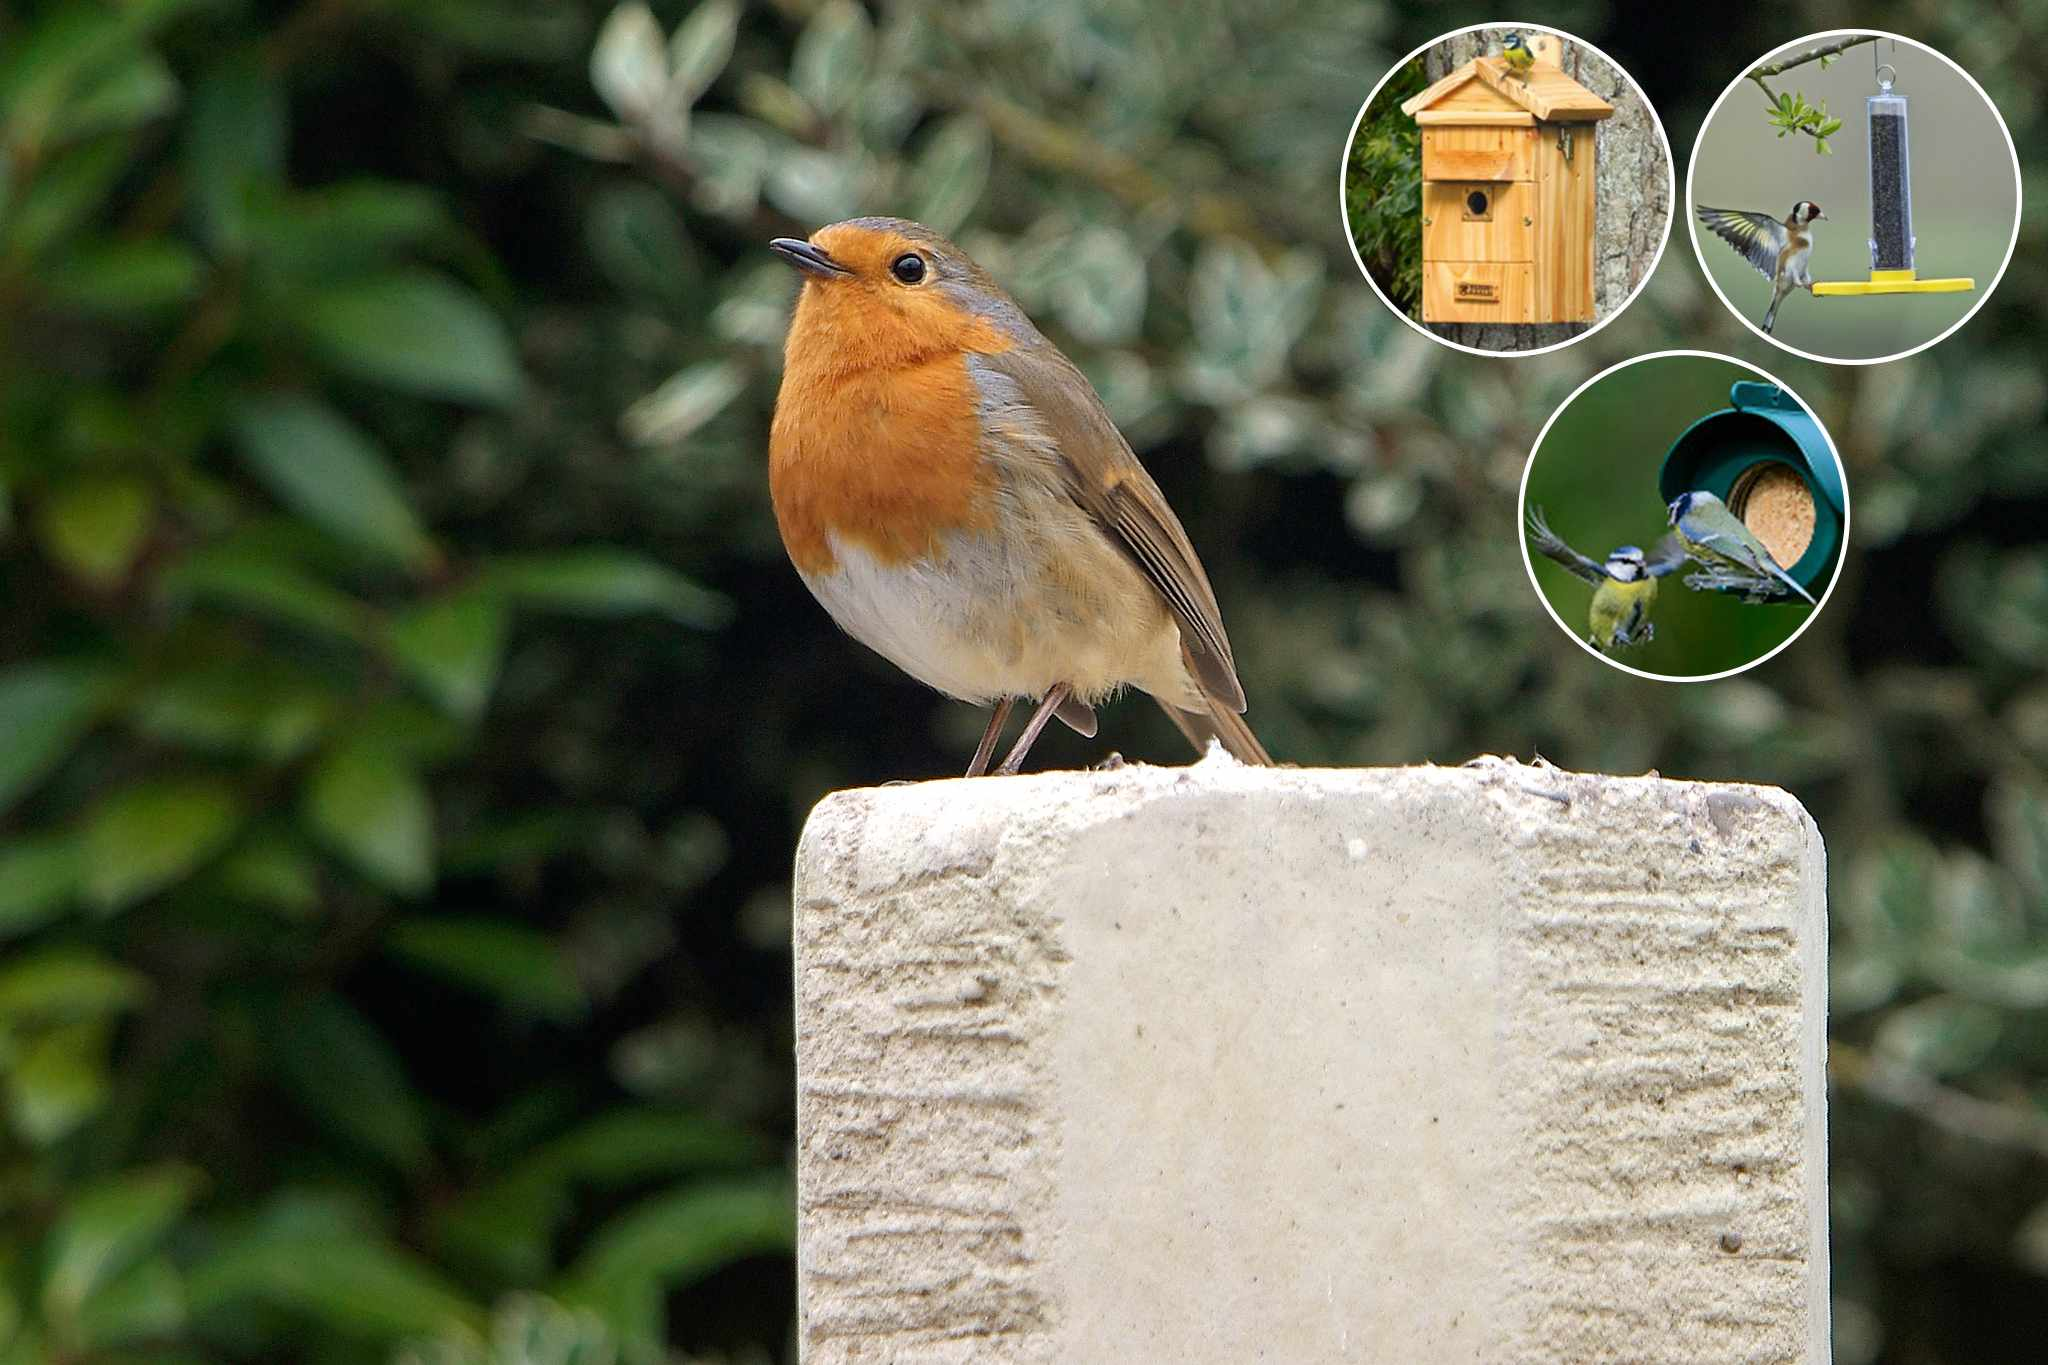 gardenbird-10-subs-2048-1365